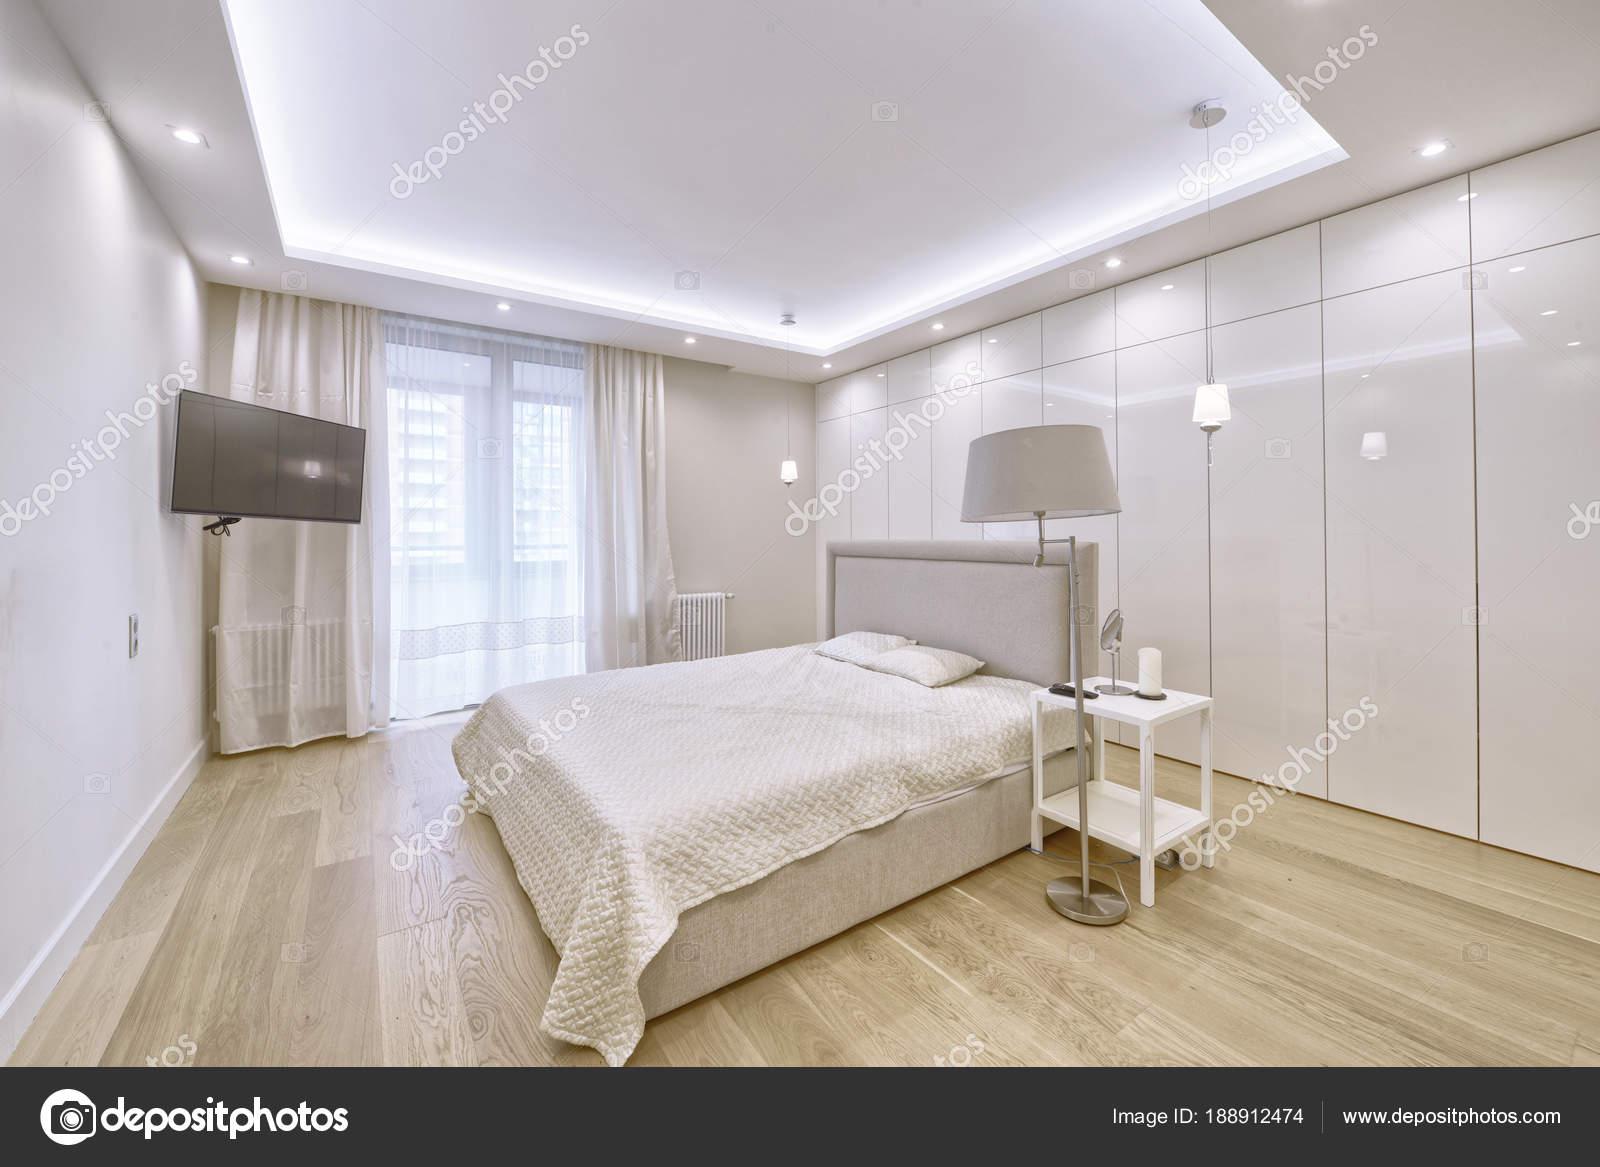 Russia Mosca Ristrutturazione Design Moderno Edificio Lusso ...